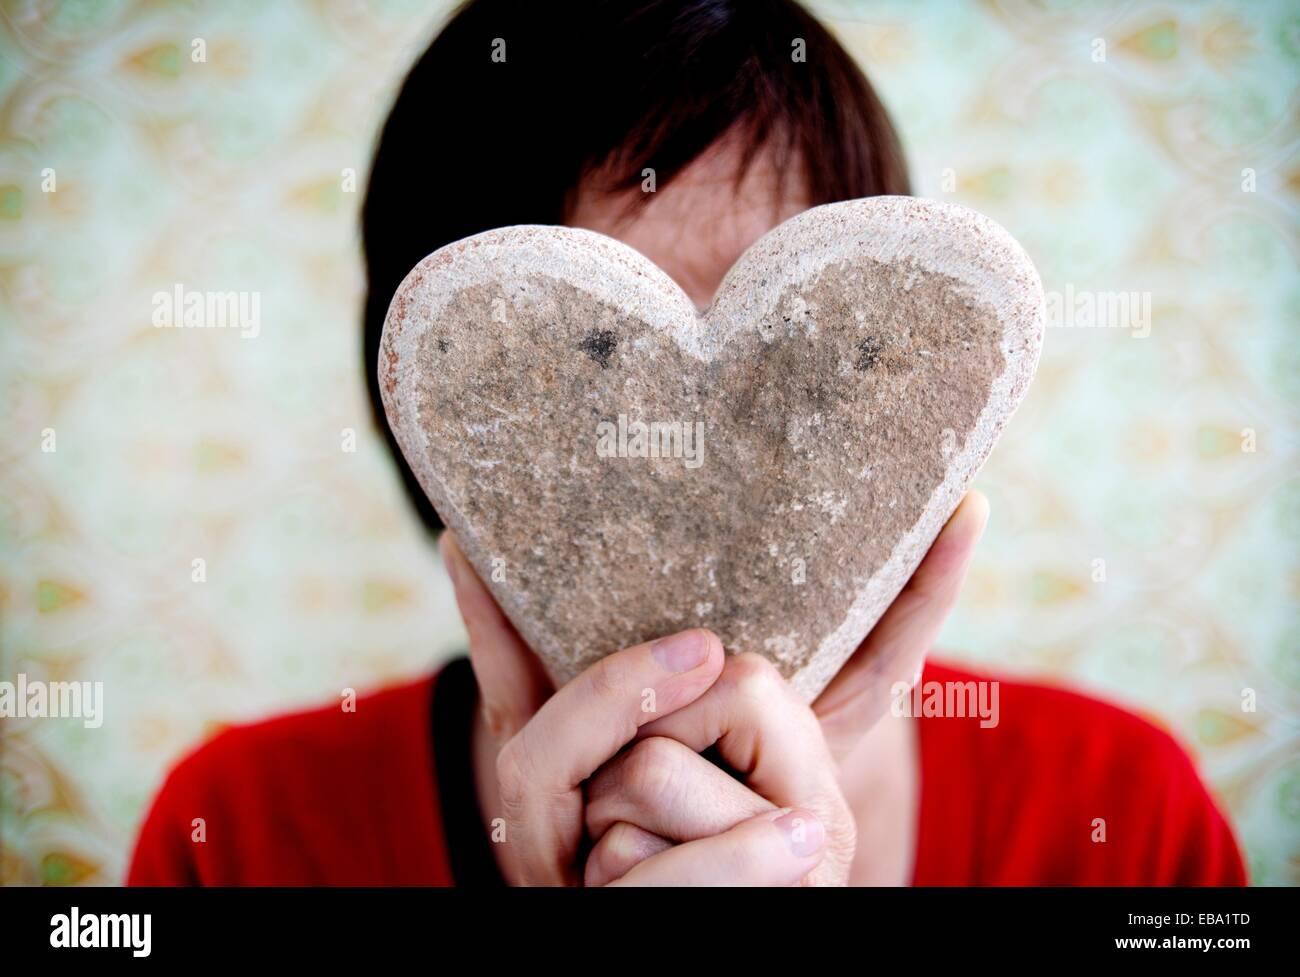 35-40 40-45 45-50 50-55 alegre Amor pelo castaño Cabeza Cara casual color alegre imagen comunicación con Imagen De Stock